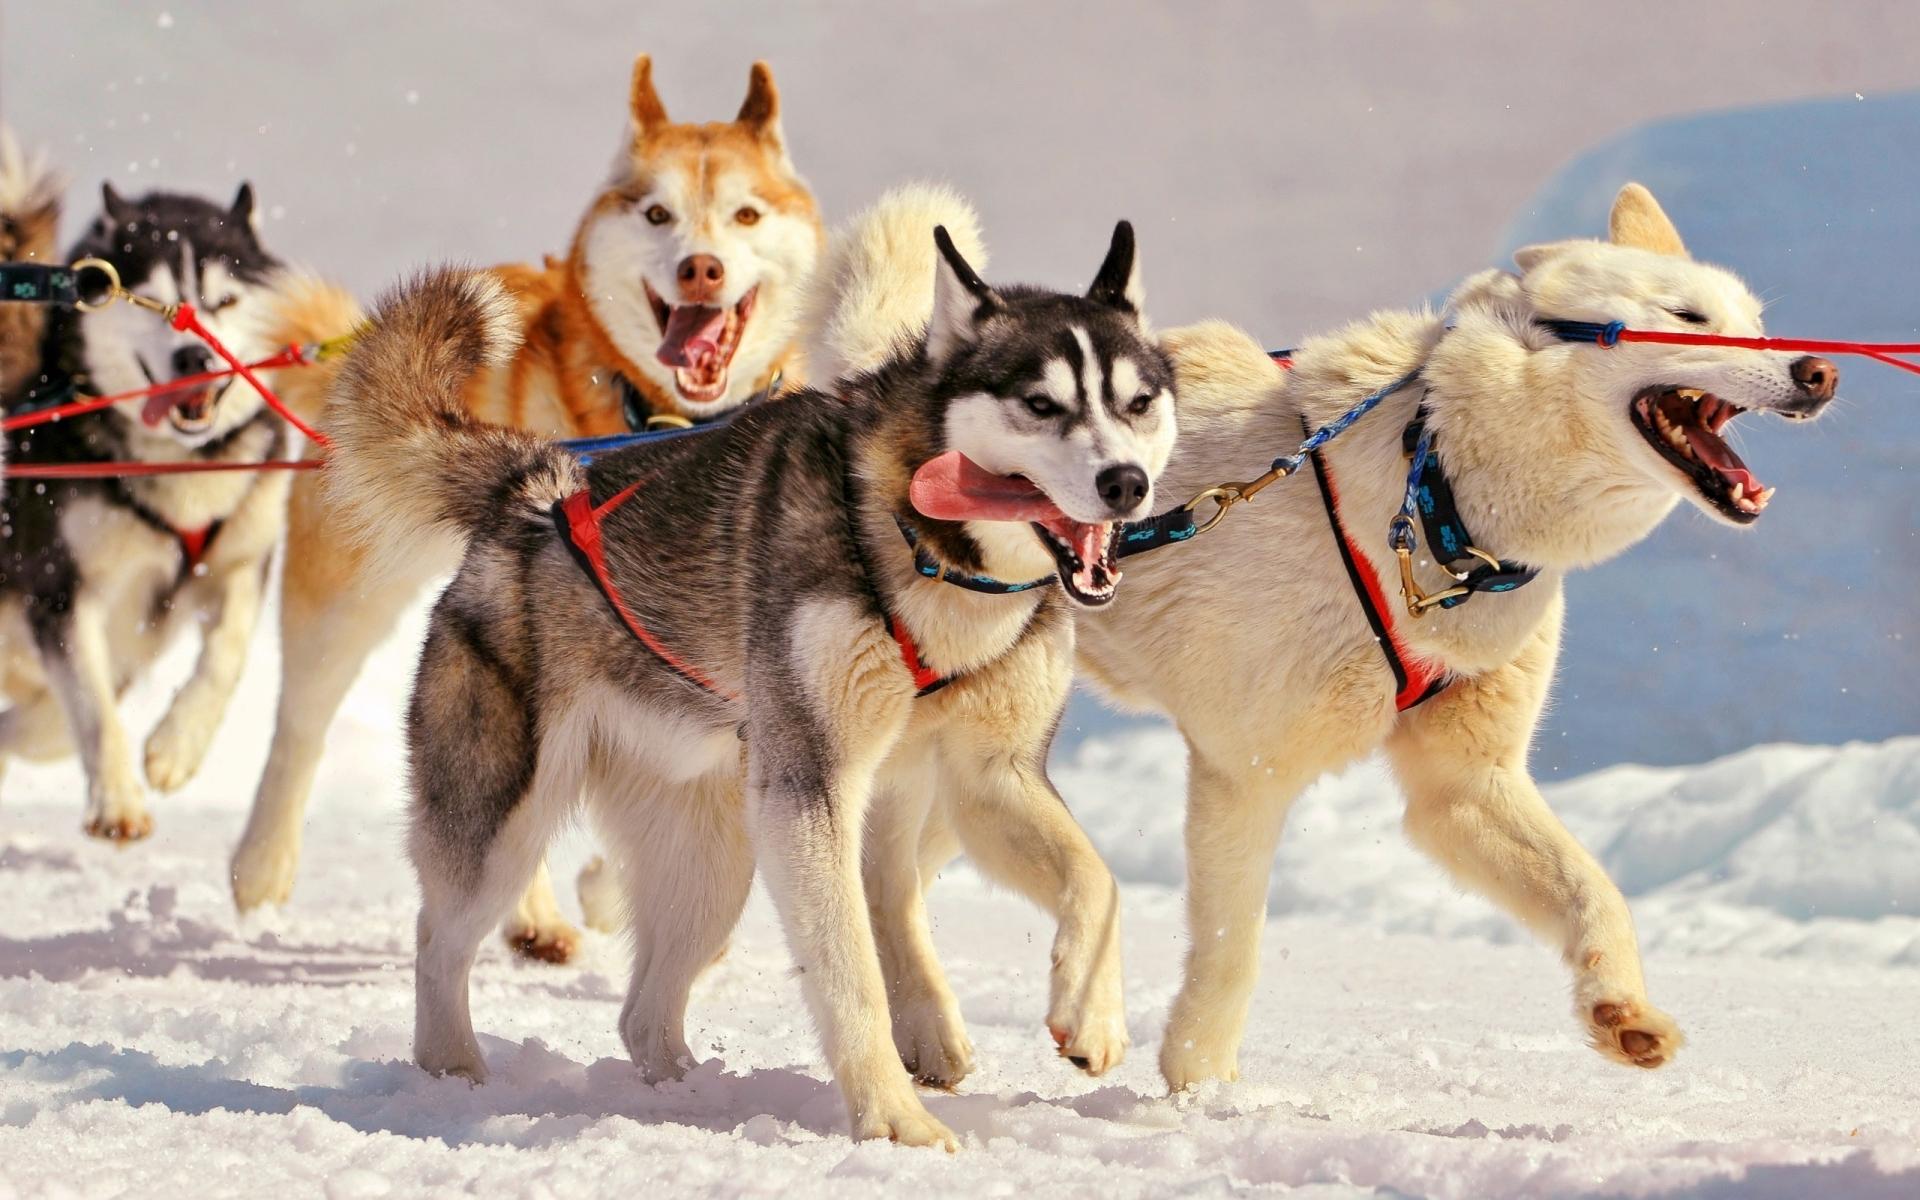 Perros en la nieve - 1920x1200